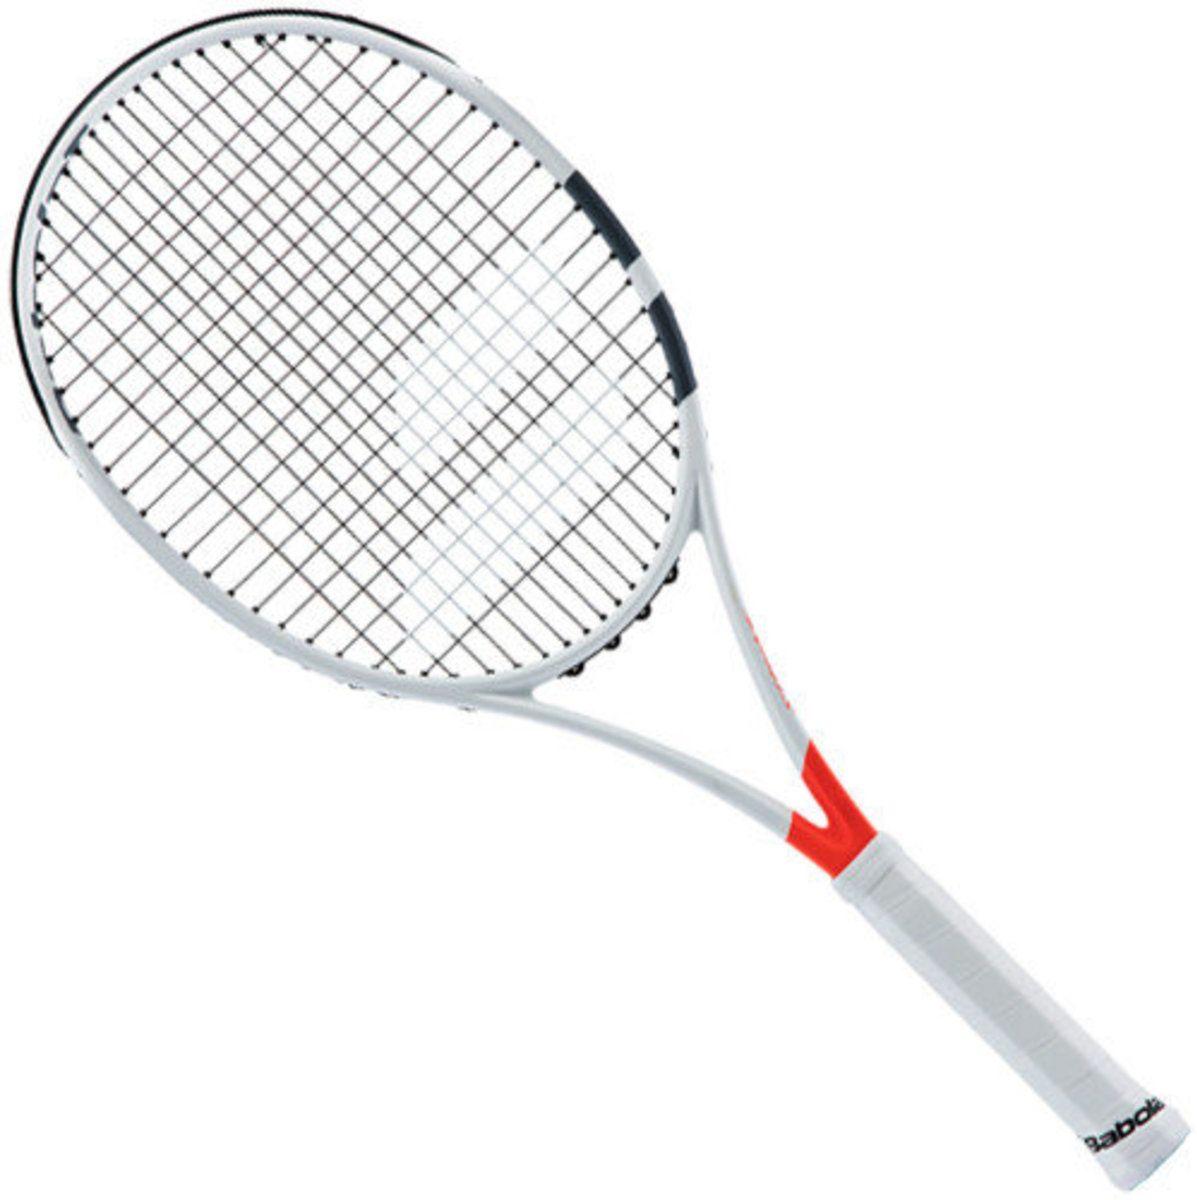 Теннисная ракетка BABOLAT PURE STRIKE TEAM (Пьюр Страйк Тим), без натяжки. Размер 3